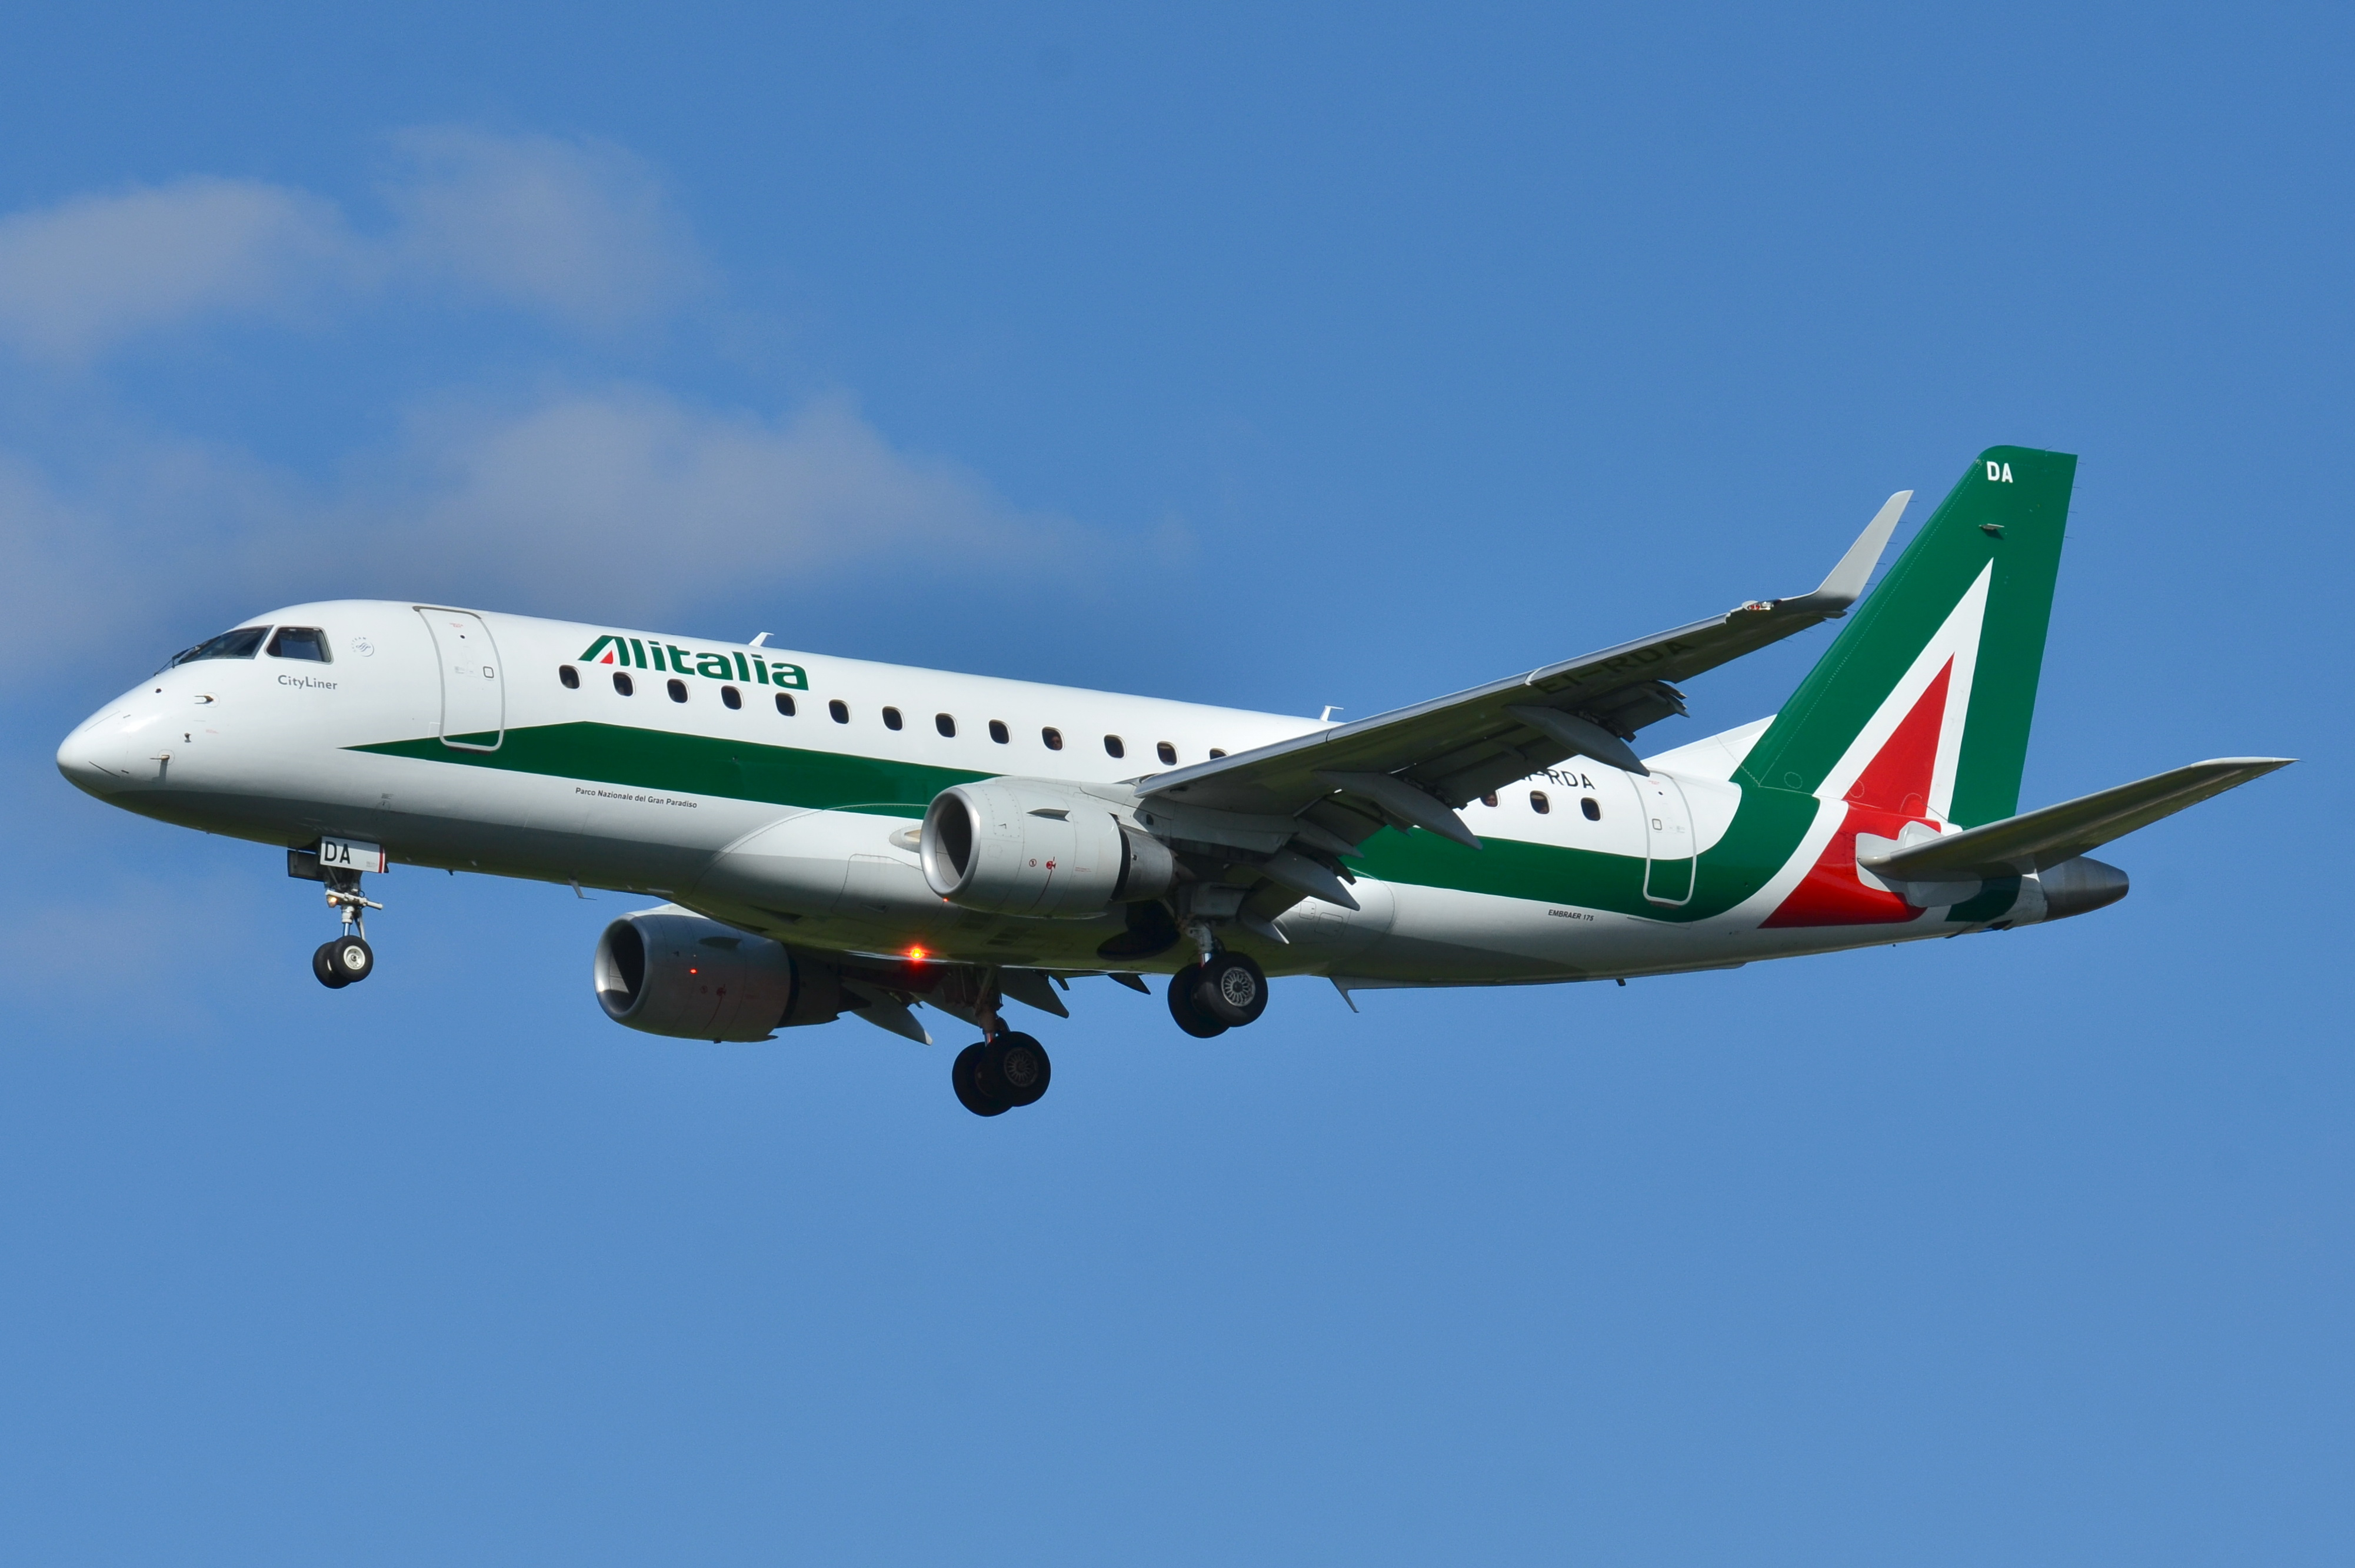 Alitalia, i commissari valutano le offerte: tempi stretti per il futuro della compagnia